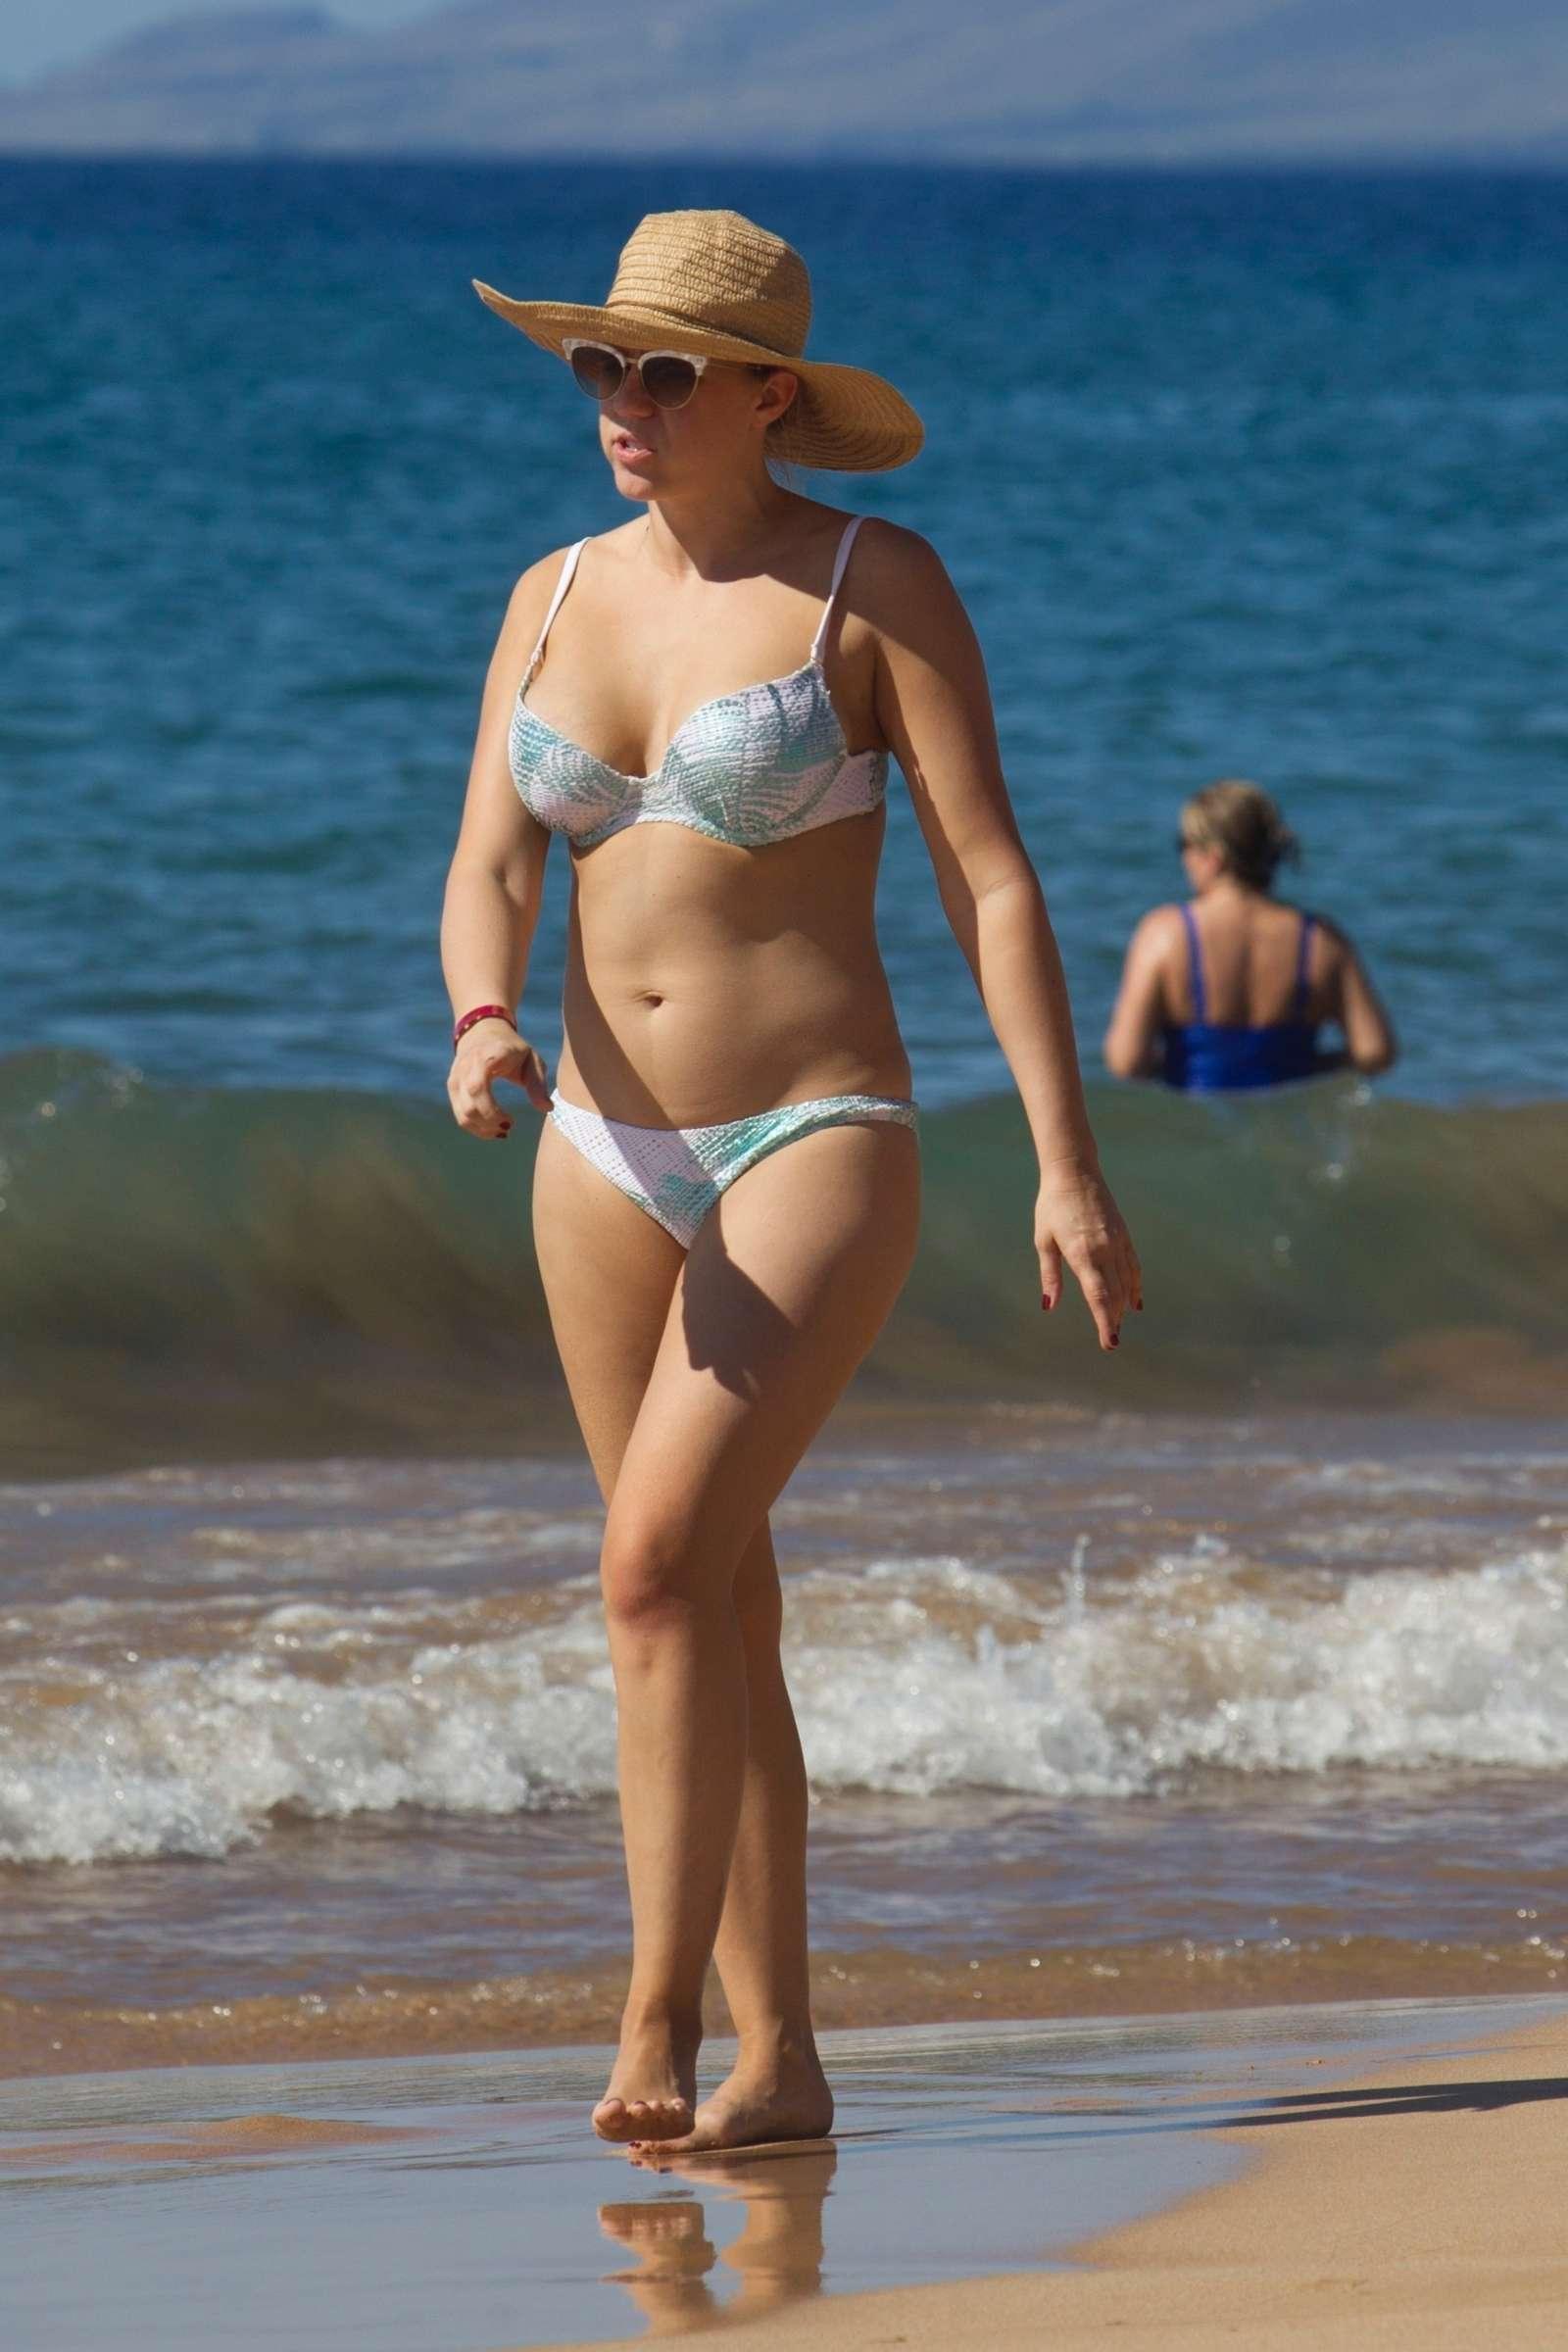 Jodie Sweetin 2017 : Jodie Sweetin in Bikini 2017 -05